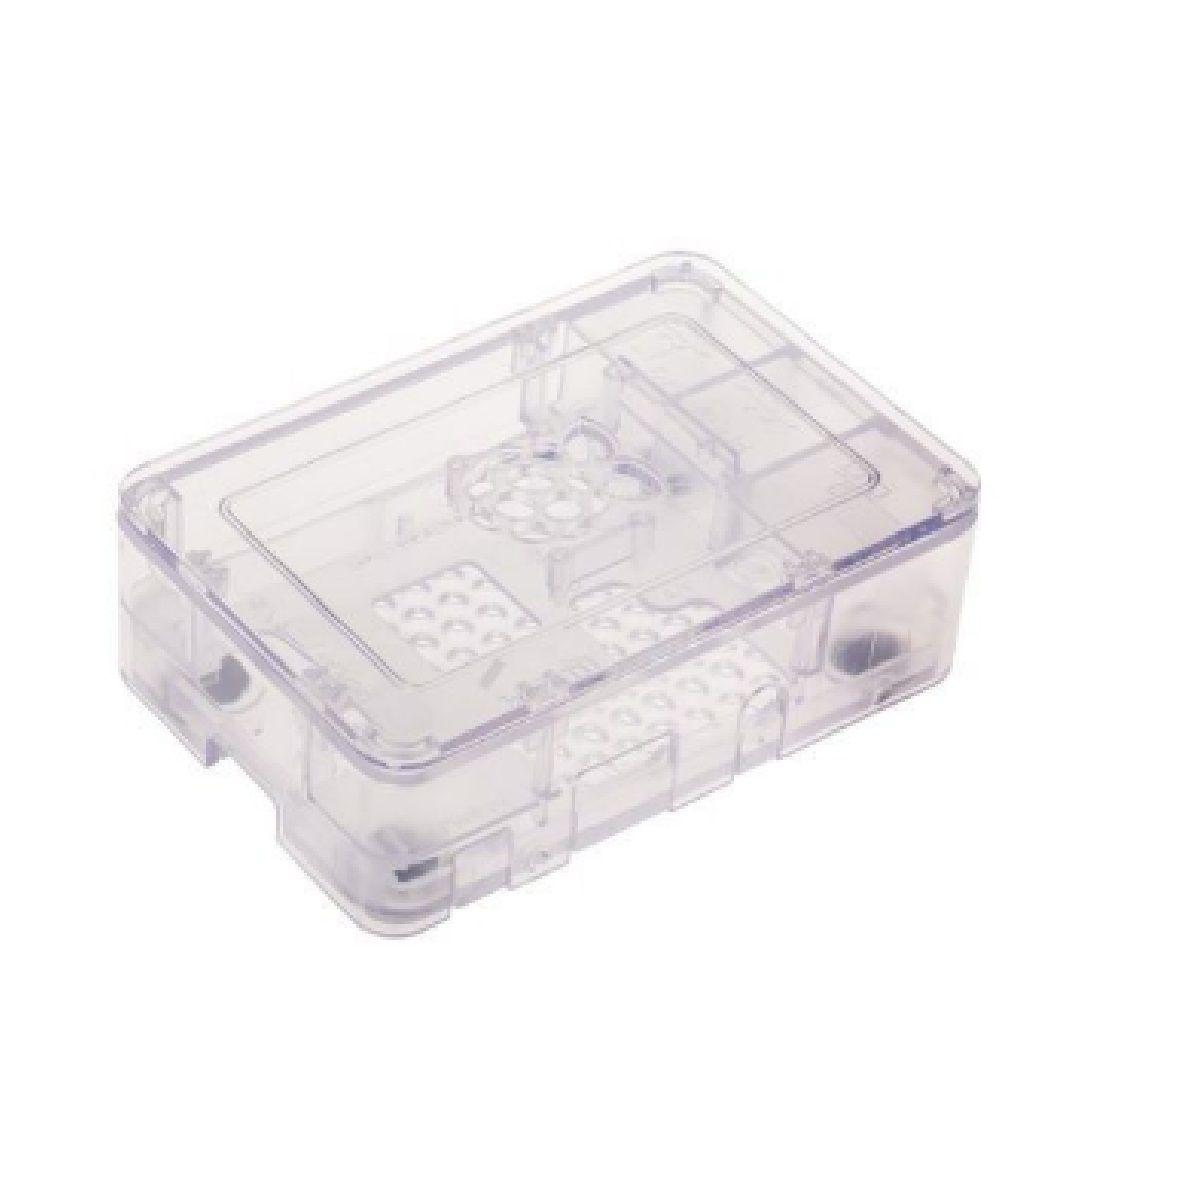 Case Original Premium com Suporte para Câmera Acrílico